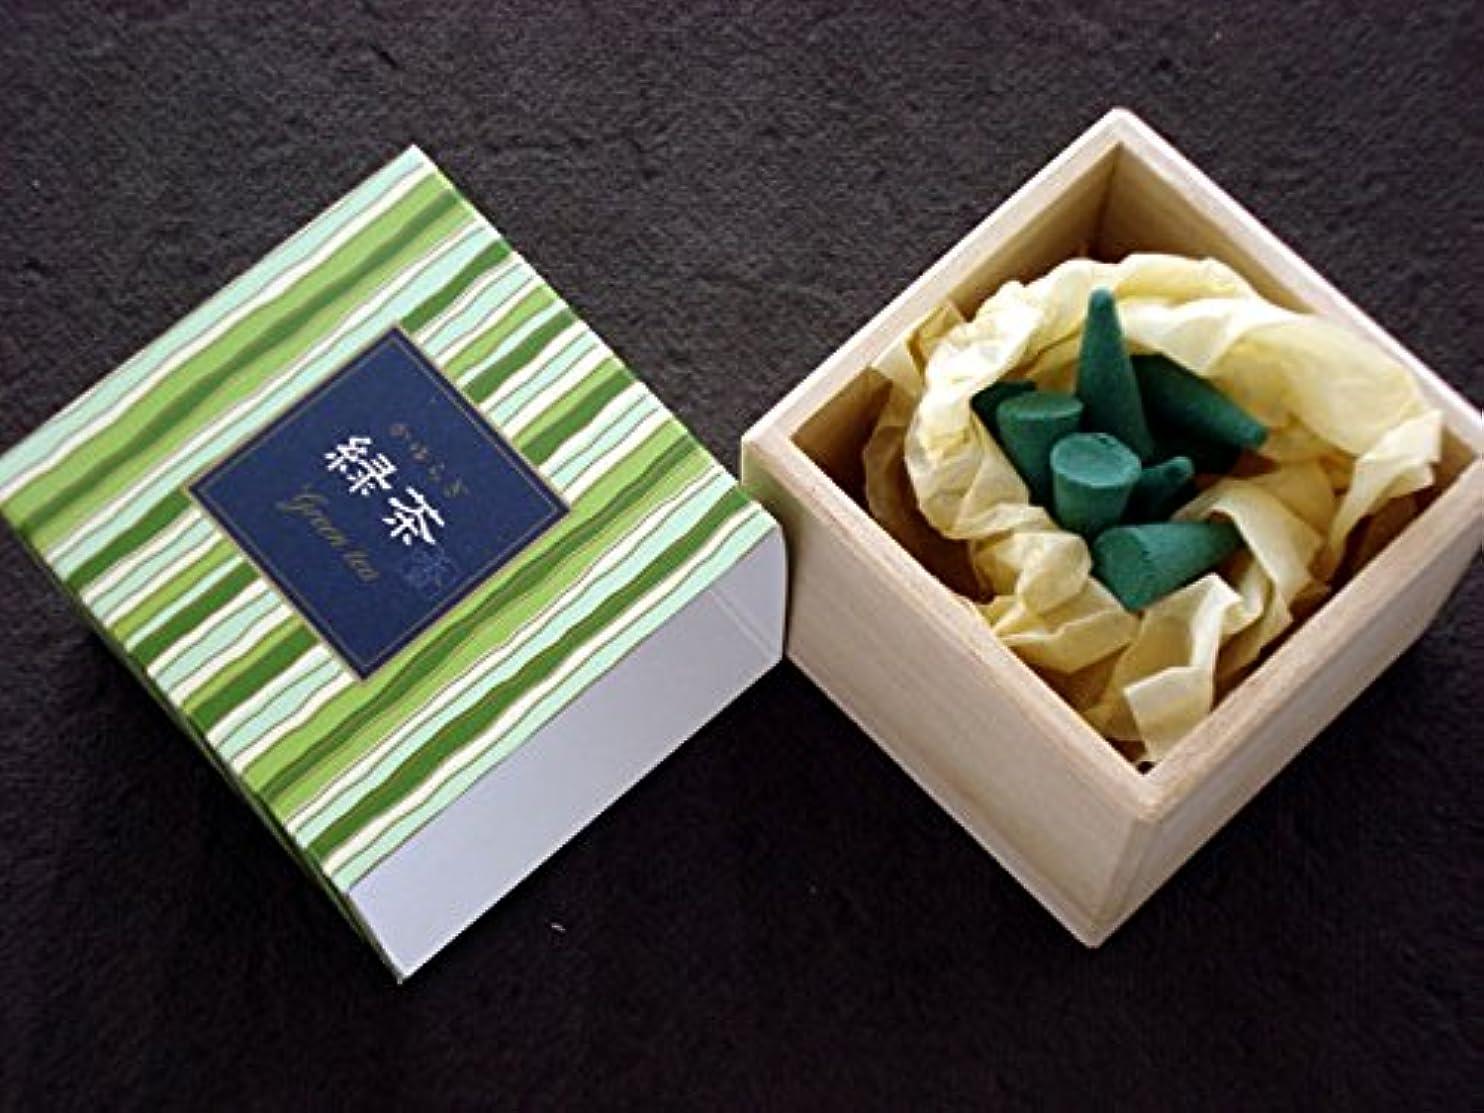 ディスパッチそれからスパイかゆらぎ 緑茶(りょくちゃ) コーン型 【お香】